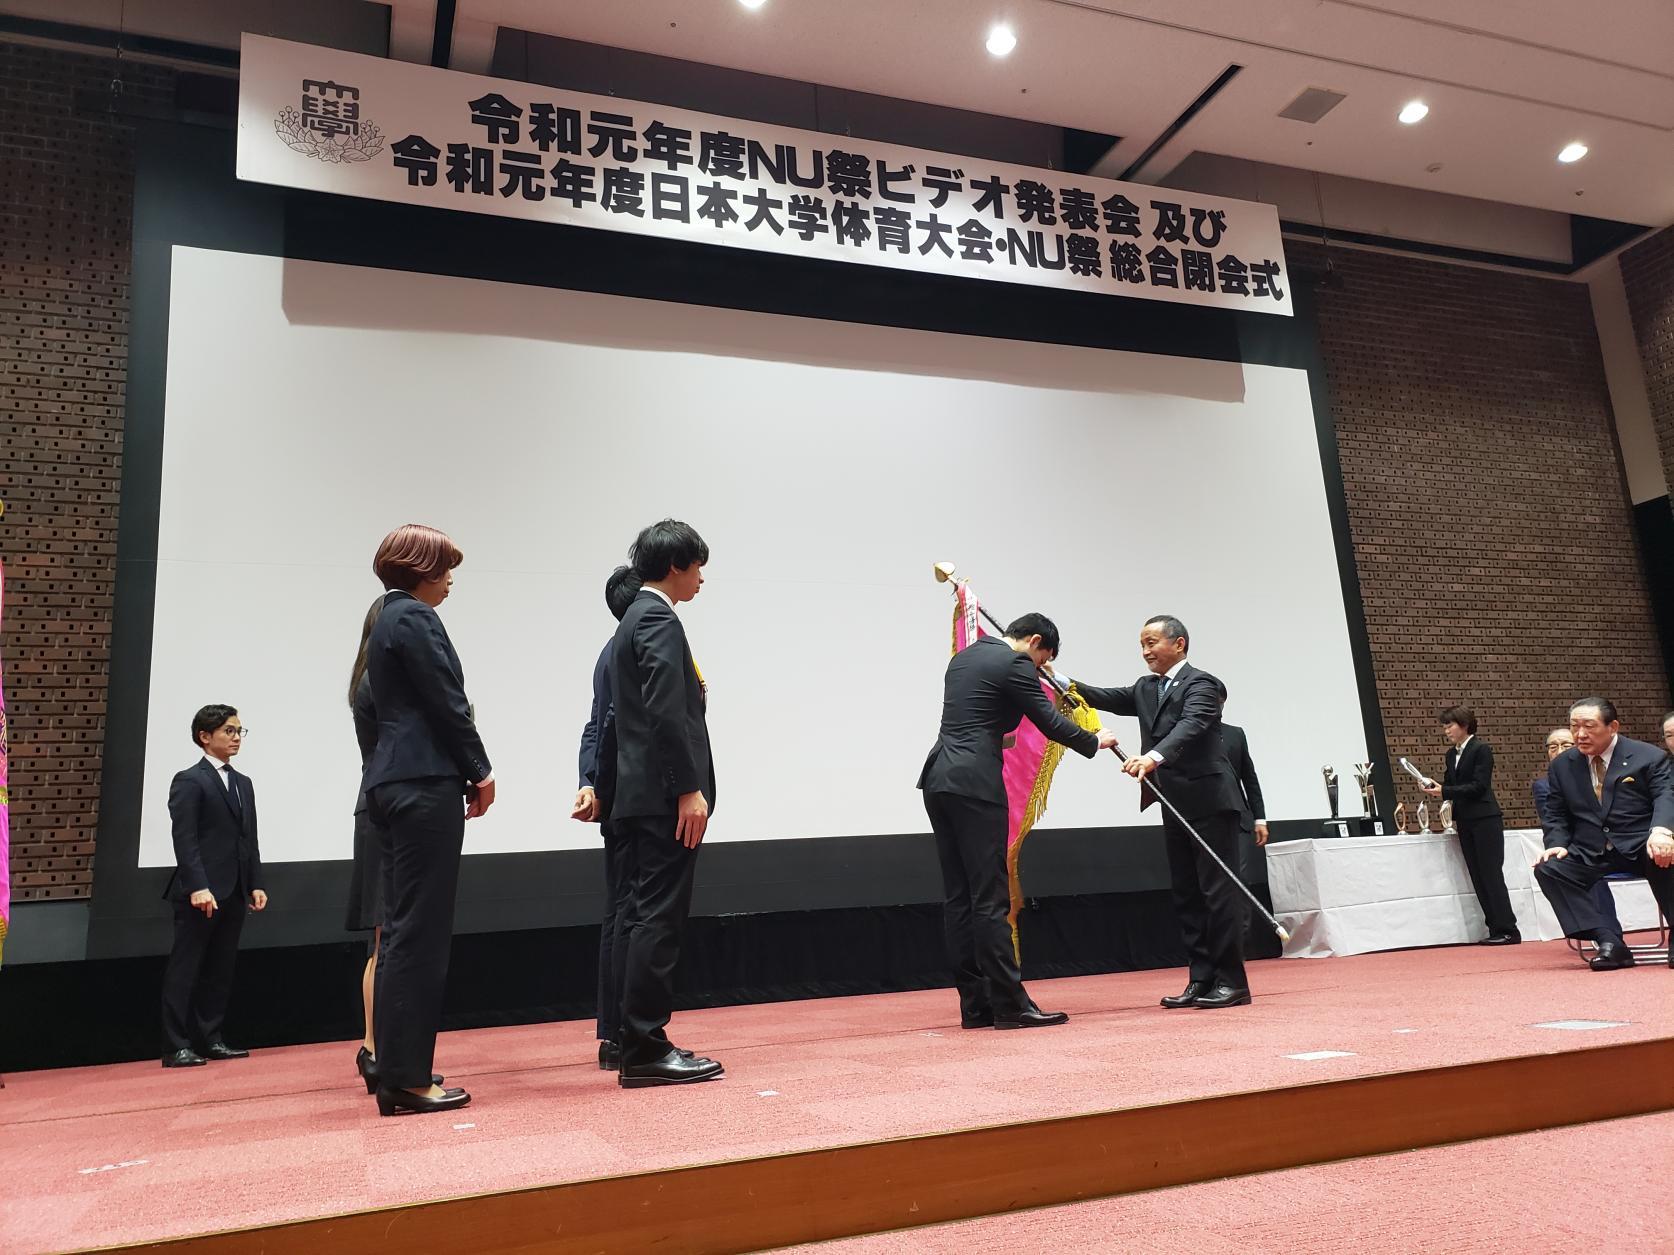 日本大学体育大会閉会式にて理工学部代表が表彰